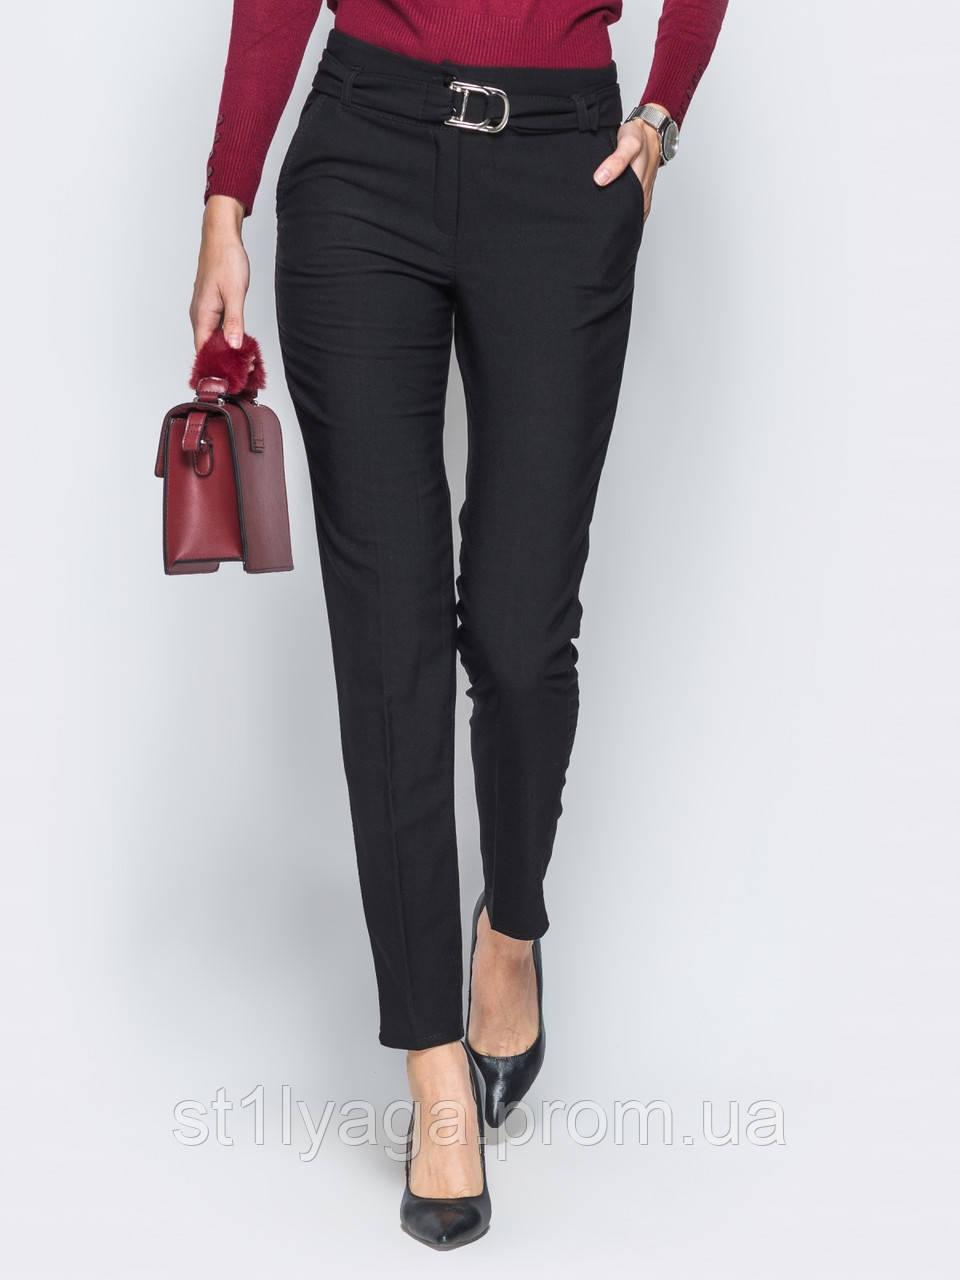 Черные брюки-дудочки из мягкого трикотажа на флисе